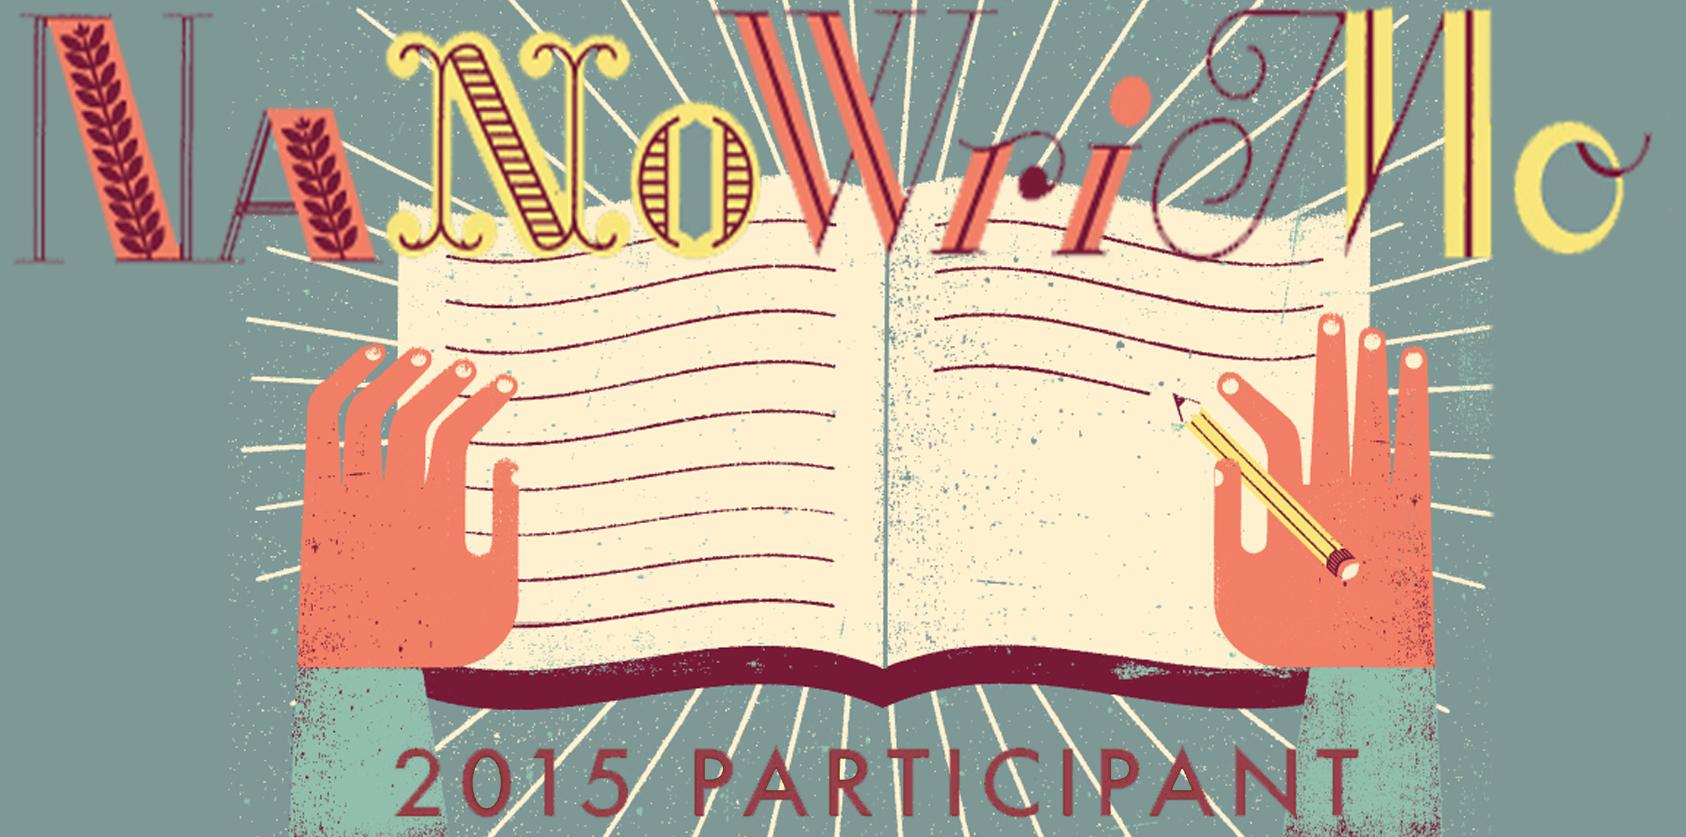 Nanowrimo Participant 2015